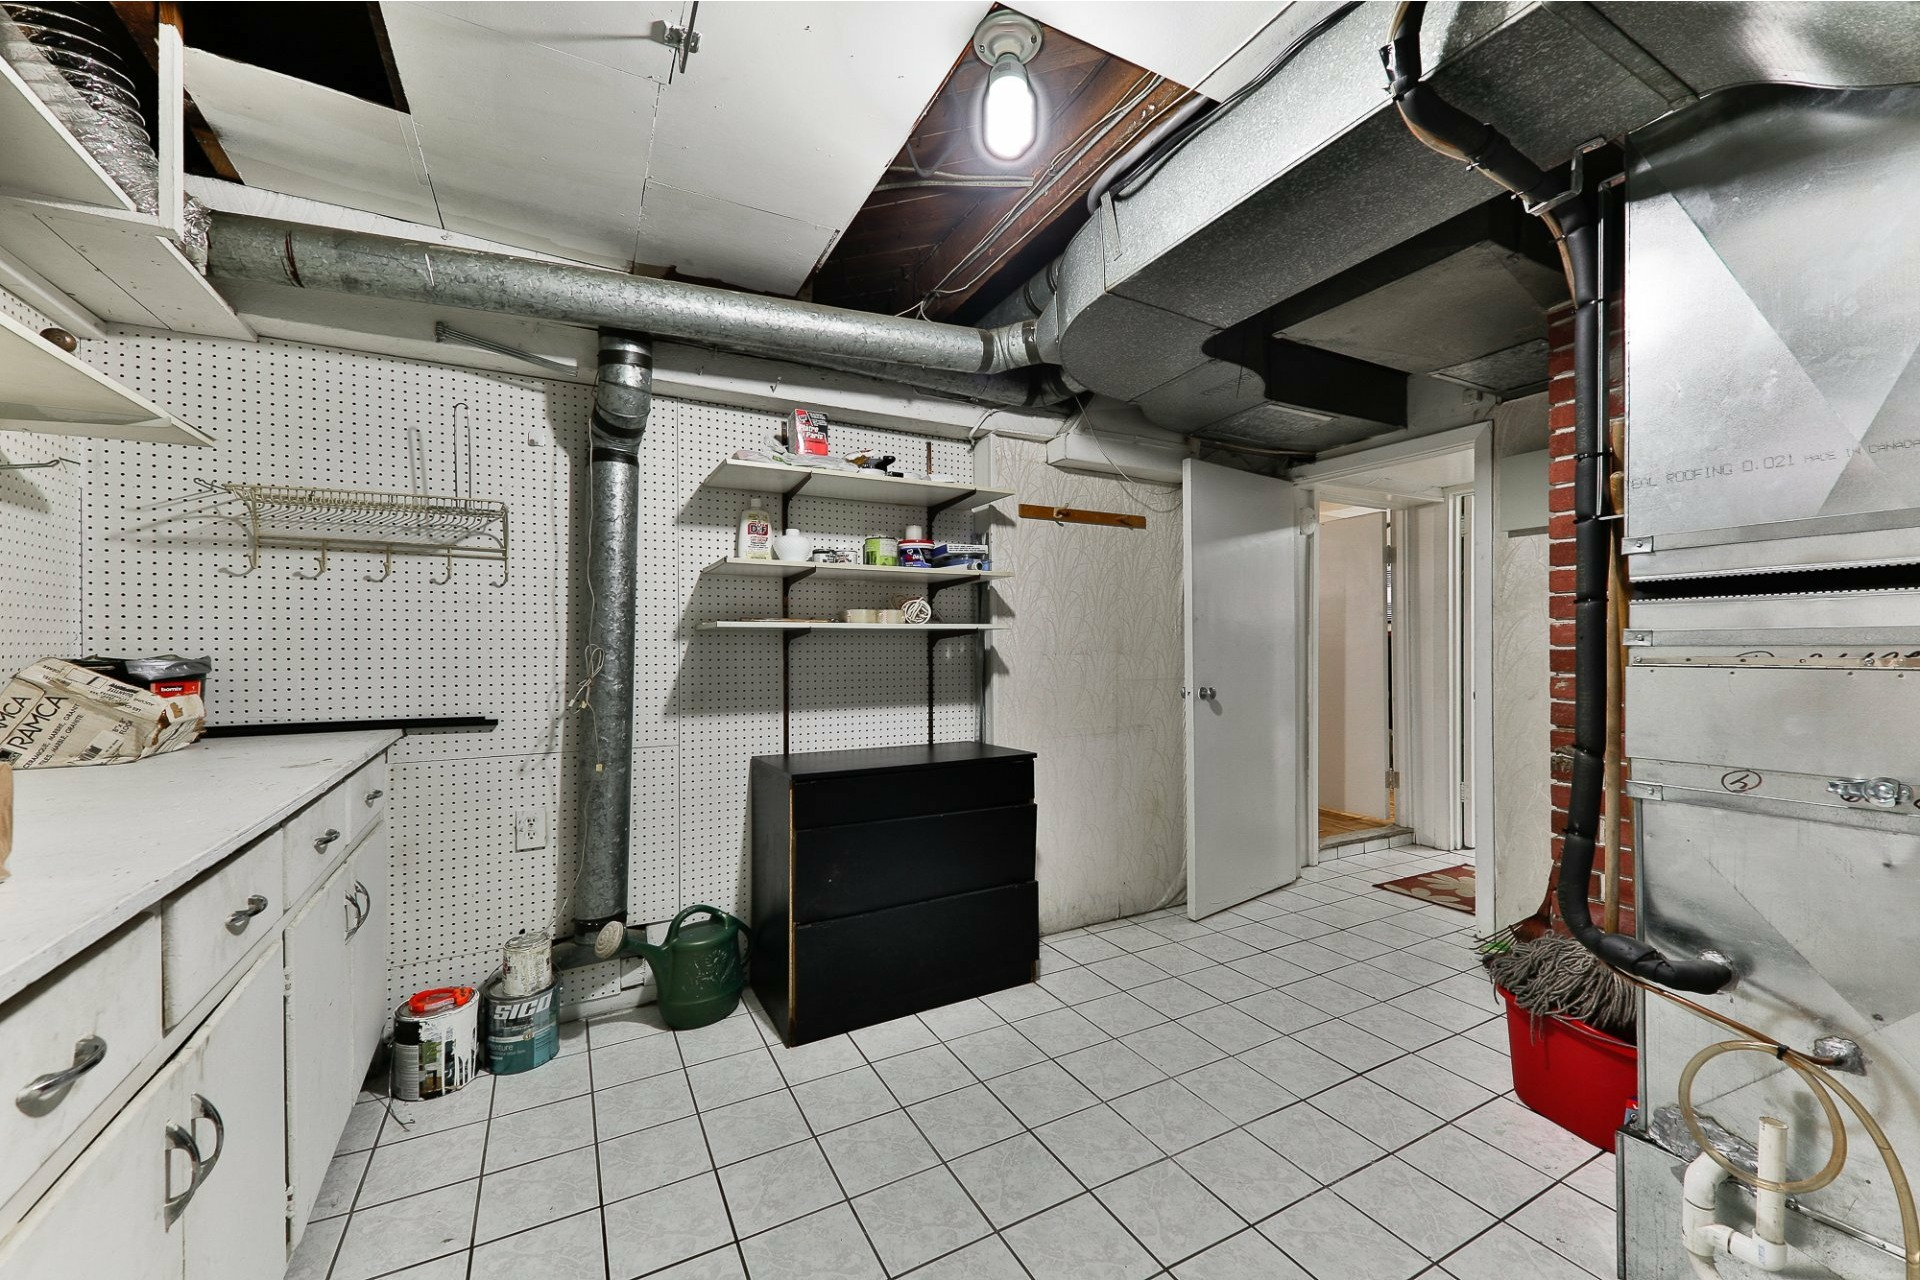 image 13 - House For sale Ahuntsic-Cartierville Montréal  - 8 rooms